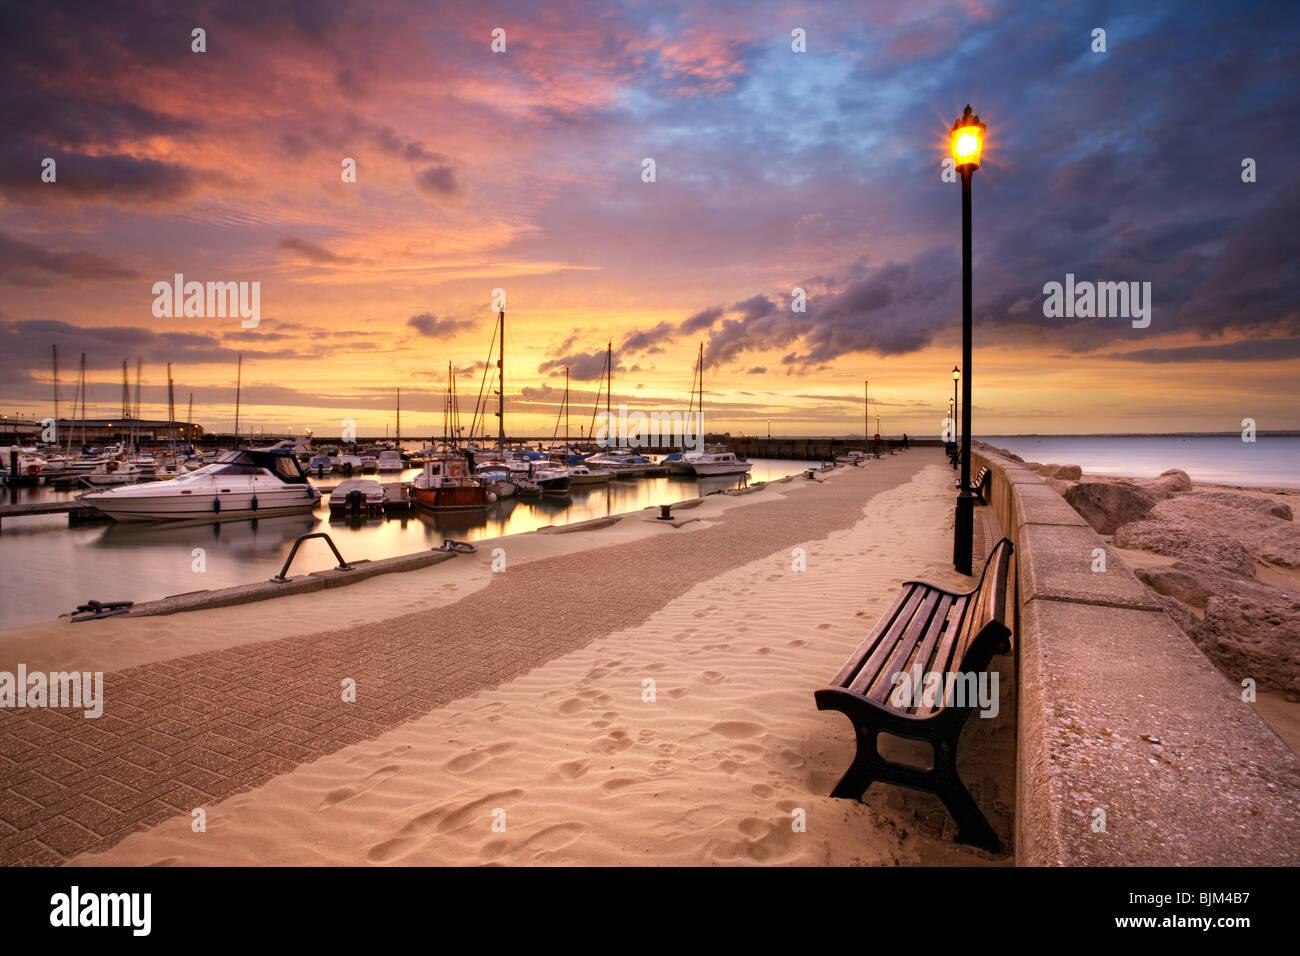 Soleil sur Port de Ryde. L'île de Wight, Angleterre, RU Photo Stock